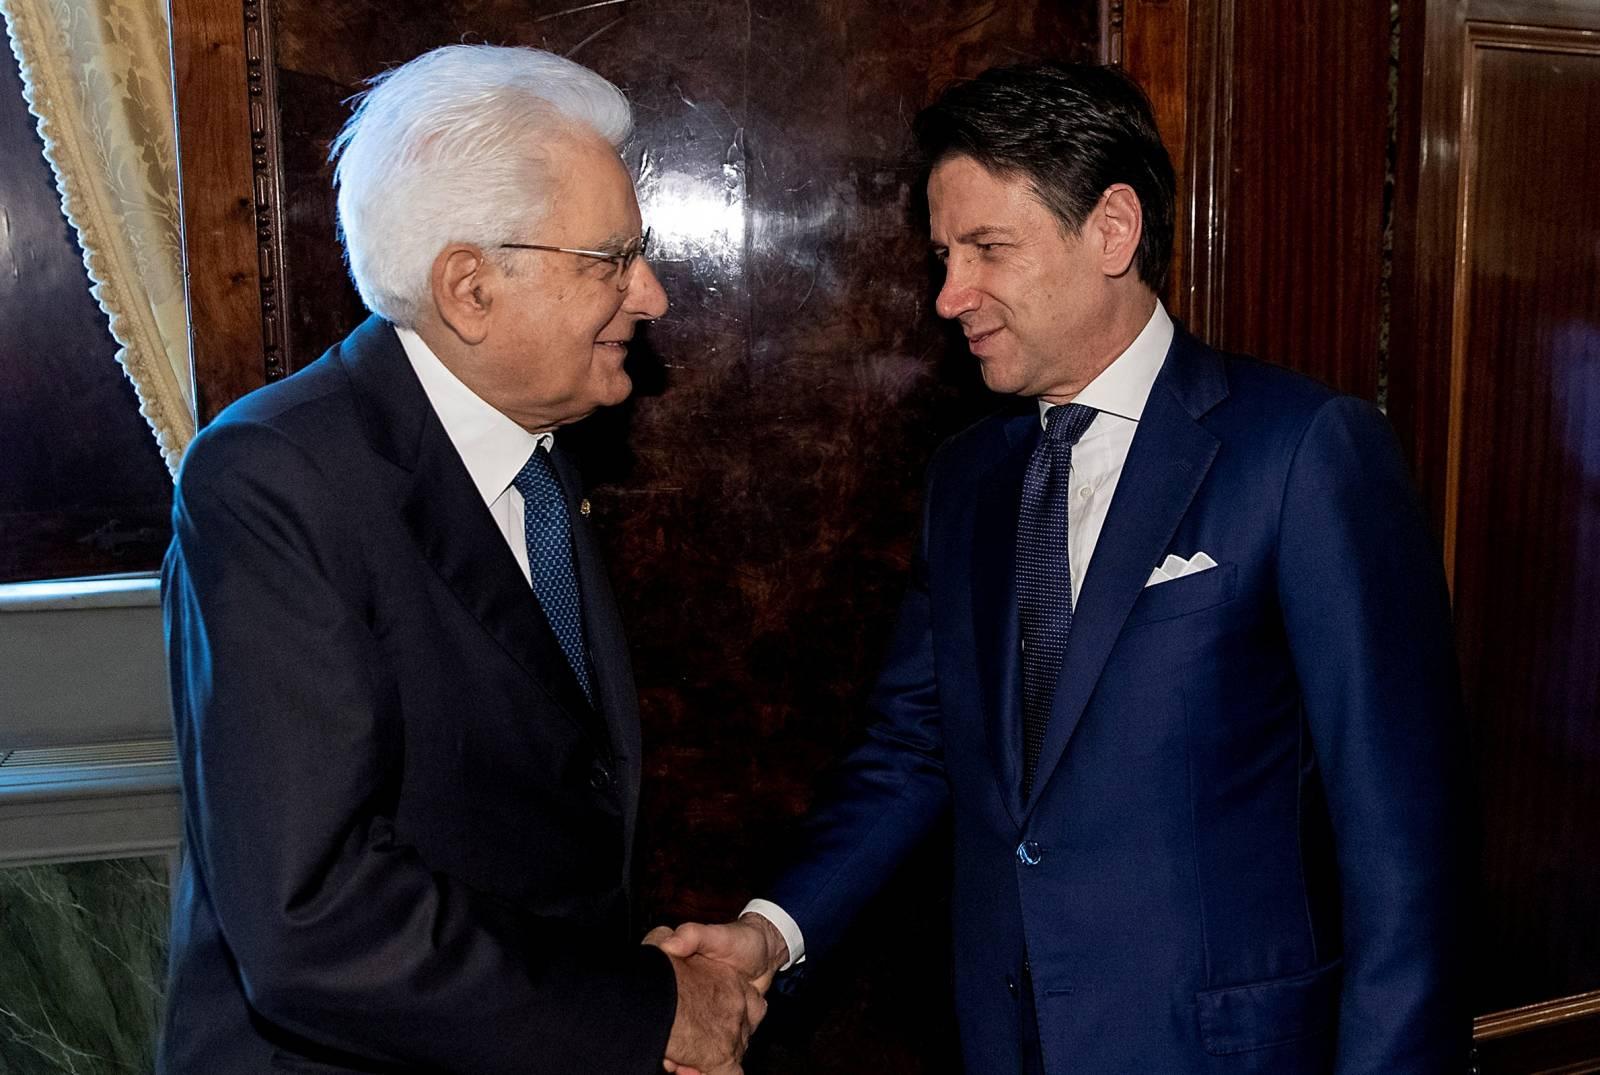 Italy's President Sergio Mattarella meets Prime Minister Giuseppe Conte in Rome